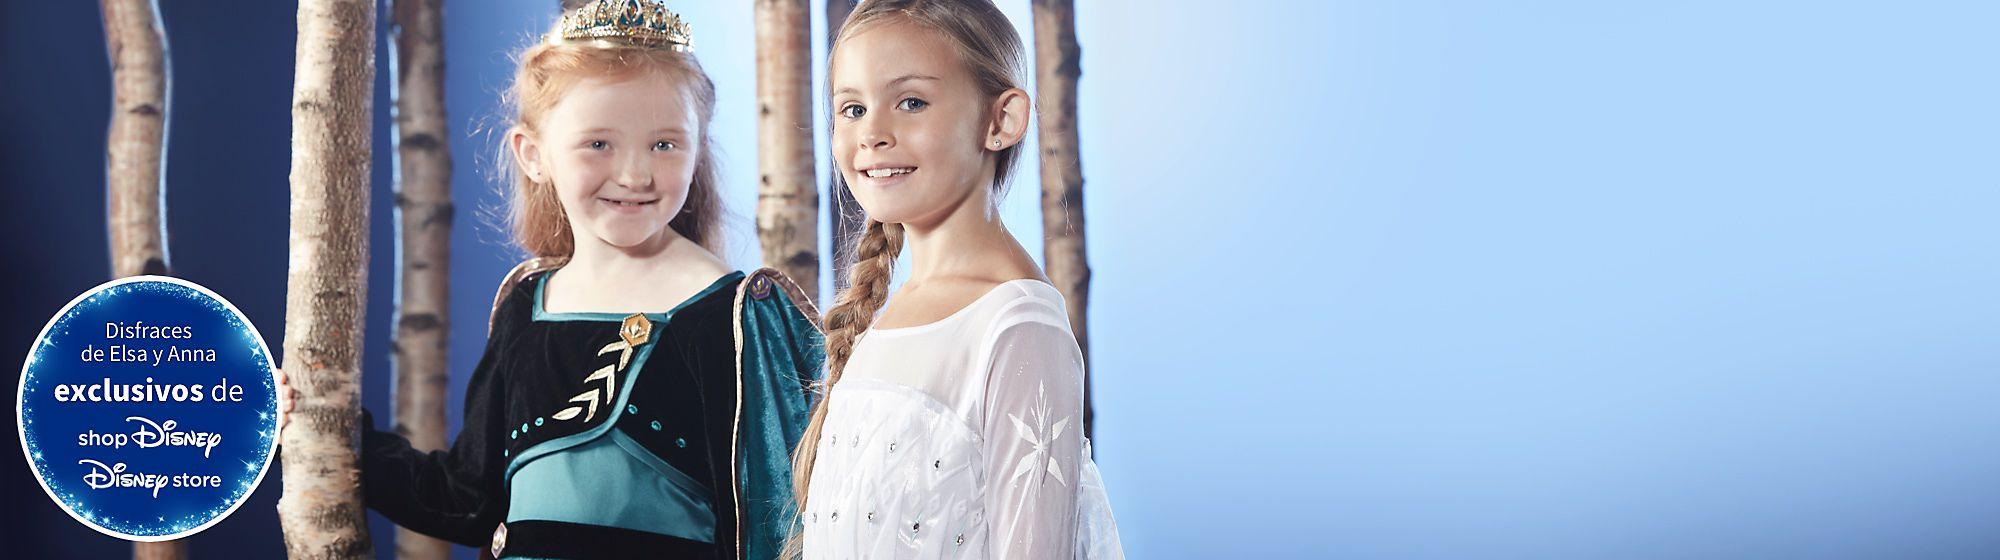 Disfraces de Frozen 2 Los nuevos y exclusivos disfraces de Elsa y Anna ya están disponibles ¡Consíguelos!